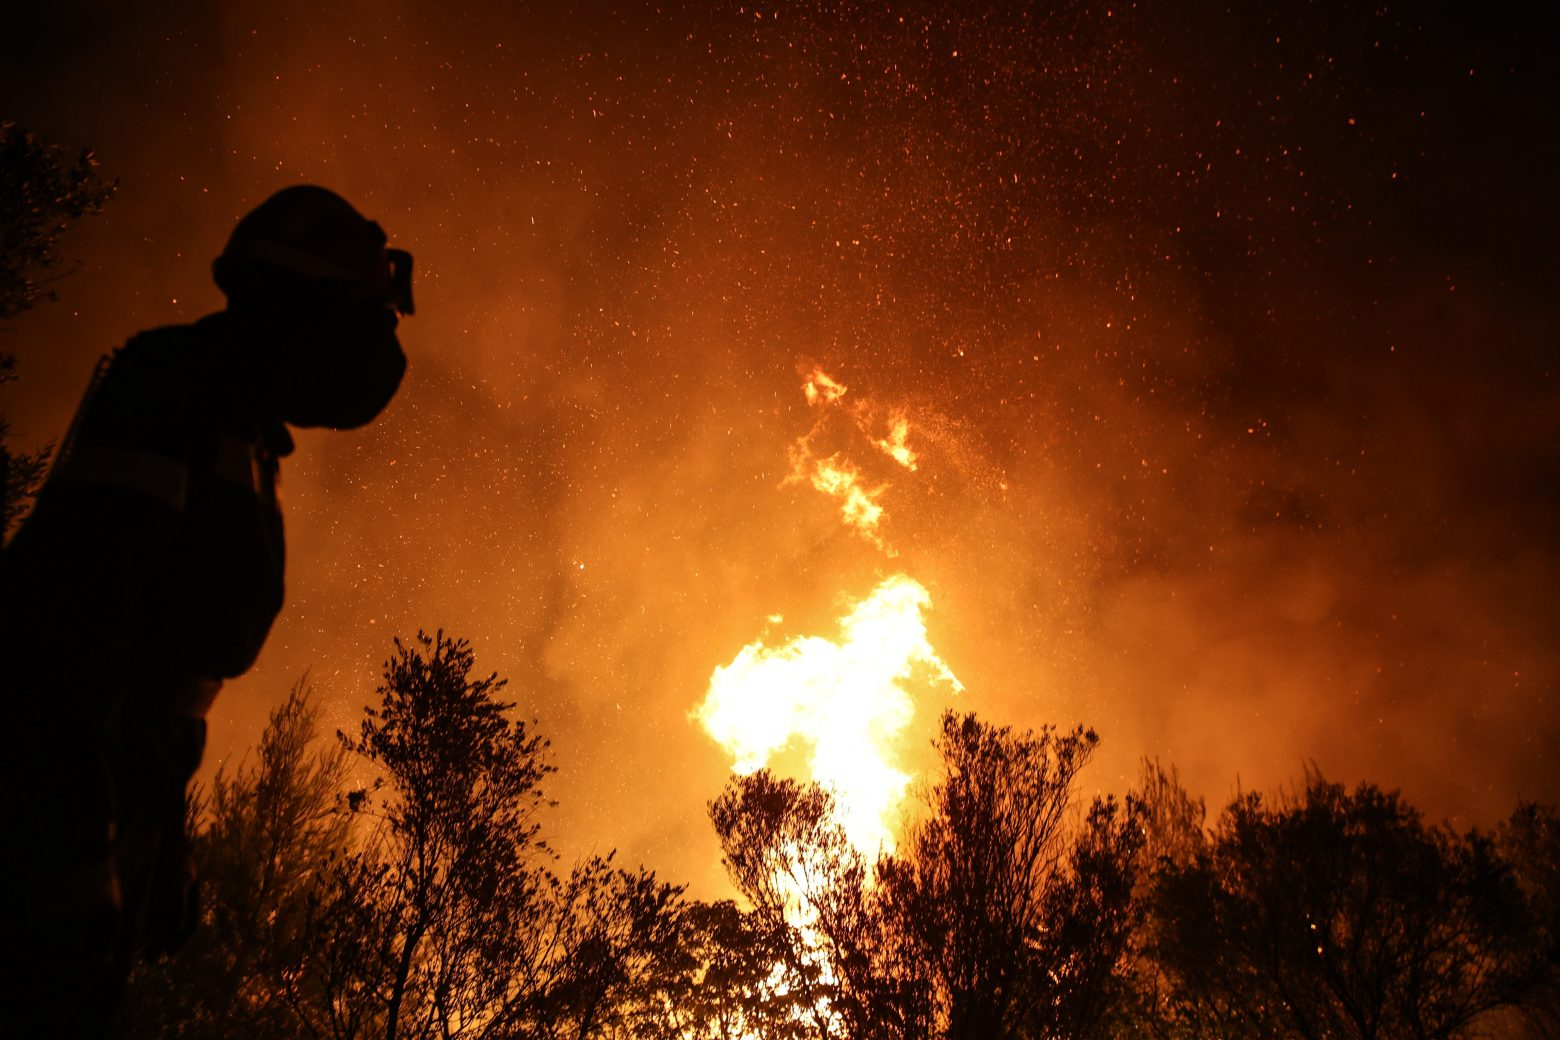 Πύρινος εφιάλτης – Στις φλόγες η μισή Ελλάδα